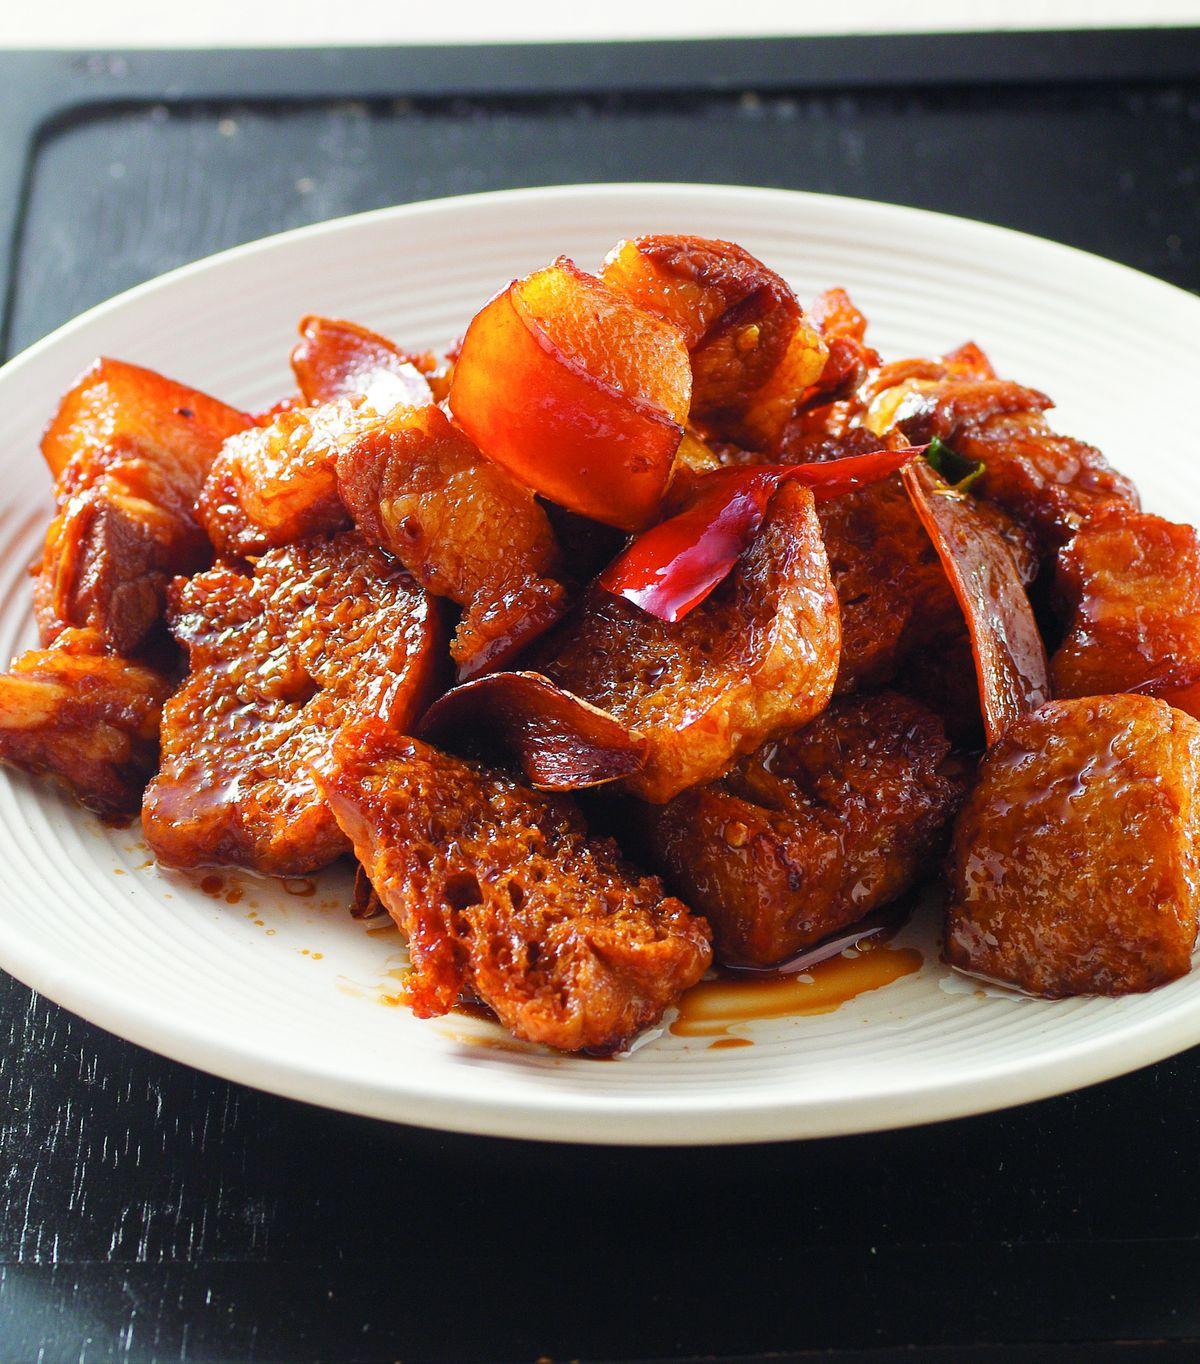 食譜:烤麩燒肉